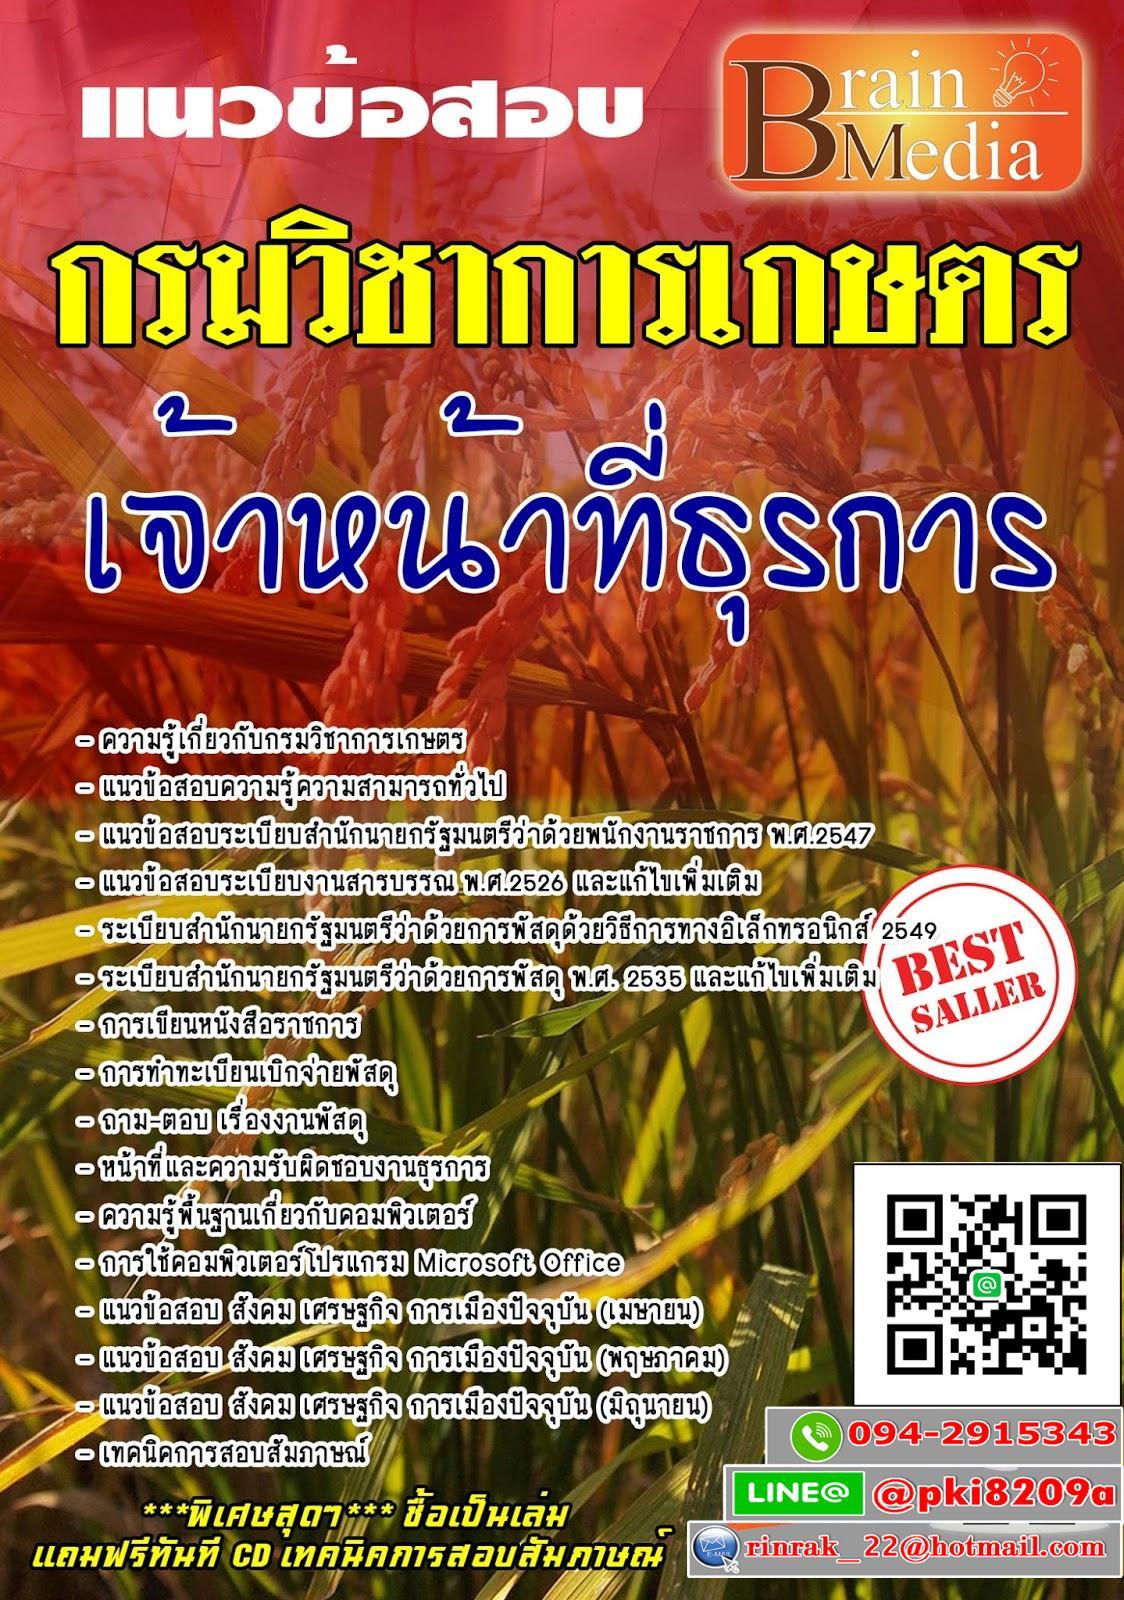 สรุปแนวข้อสอบ เจ้าหน้าที่ธุรการ กรมวิชาการเกษตร